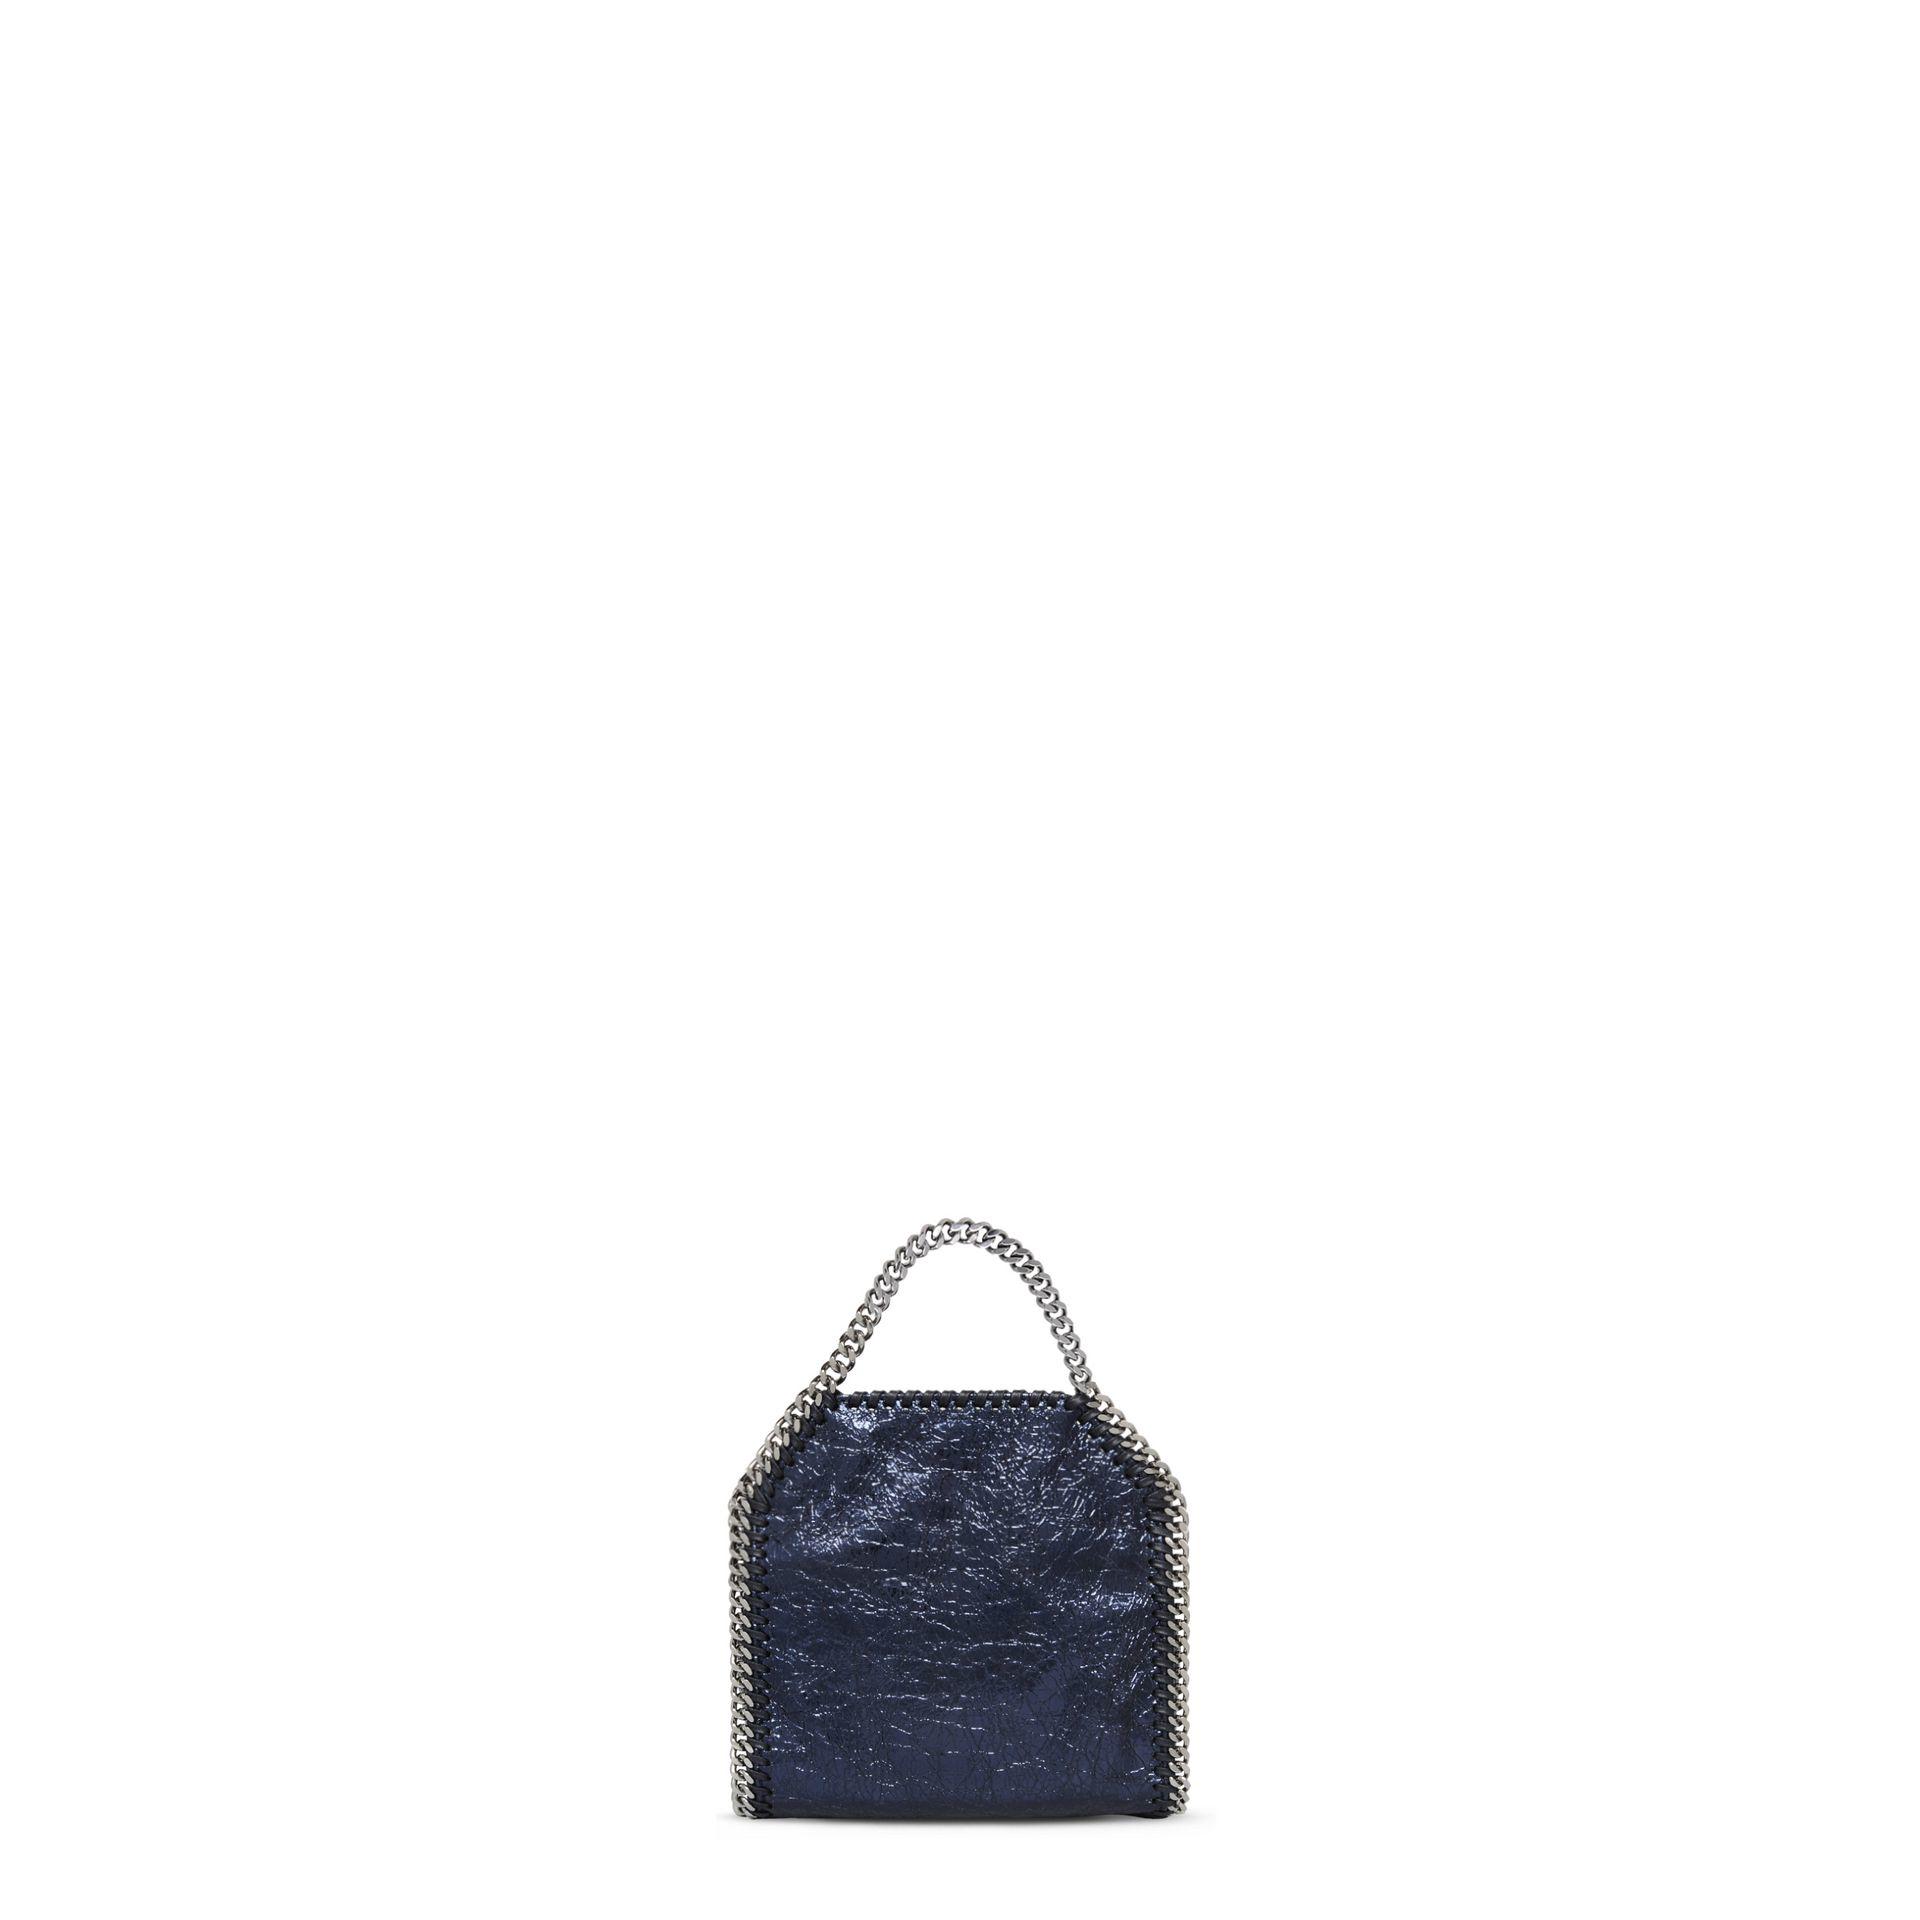 9ae8b0add6f5 Lyst - Stella McCartney Falabella Metallic Crackle Tiny Tote Bag in Blue